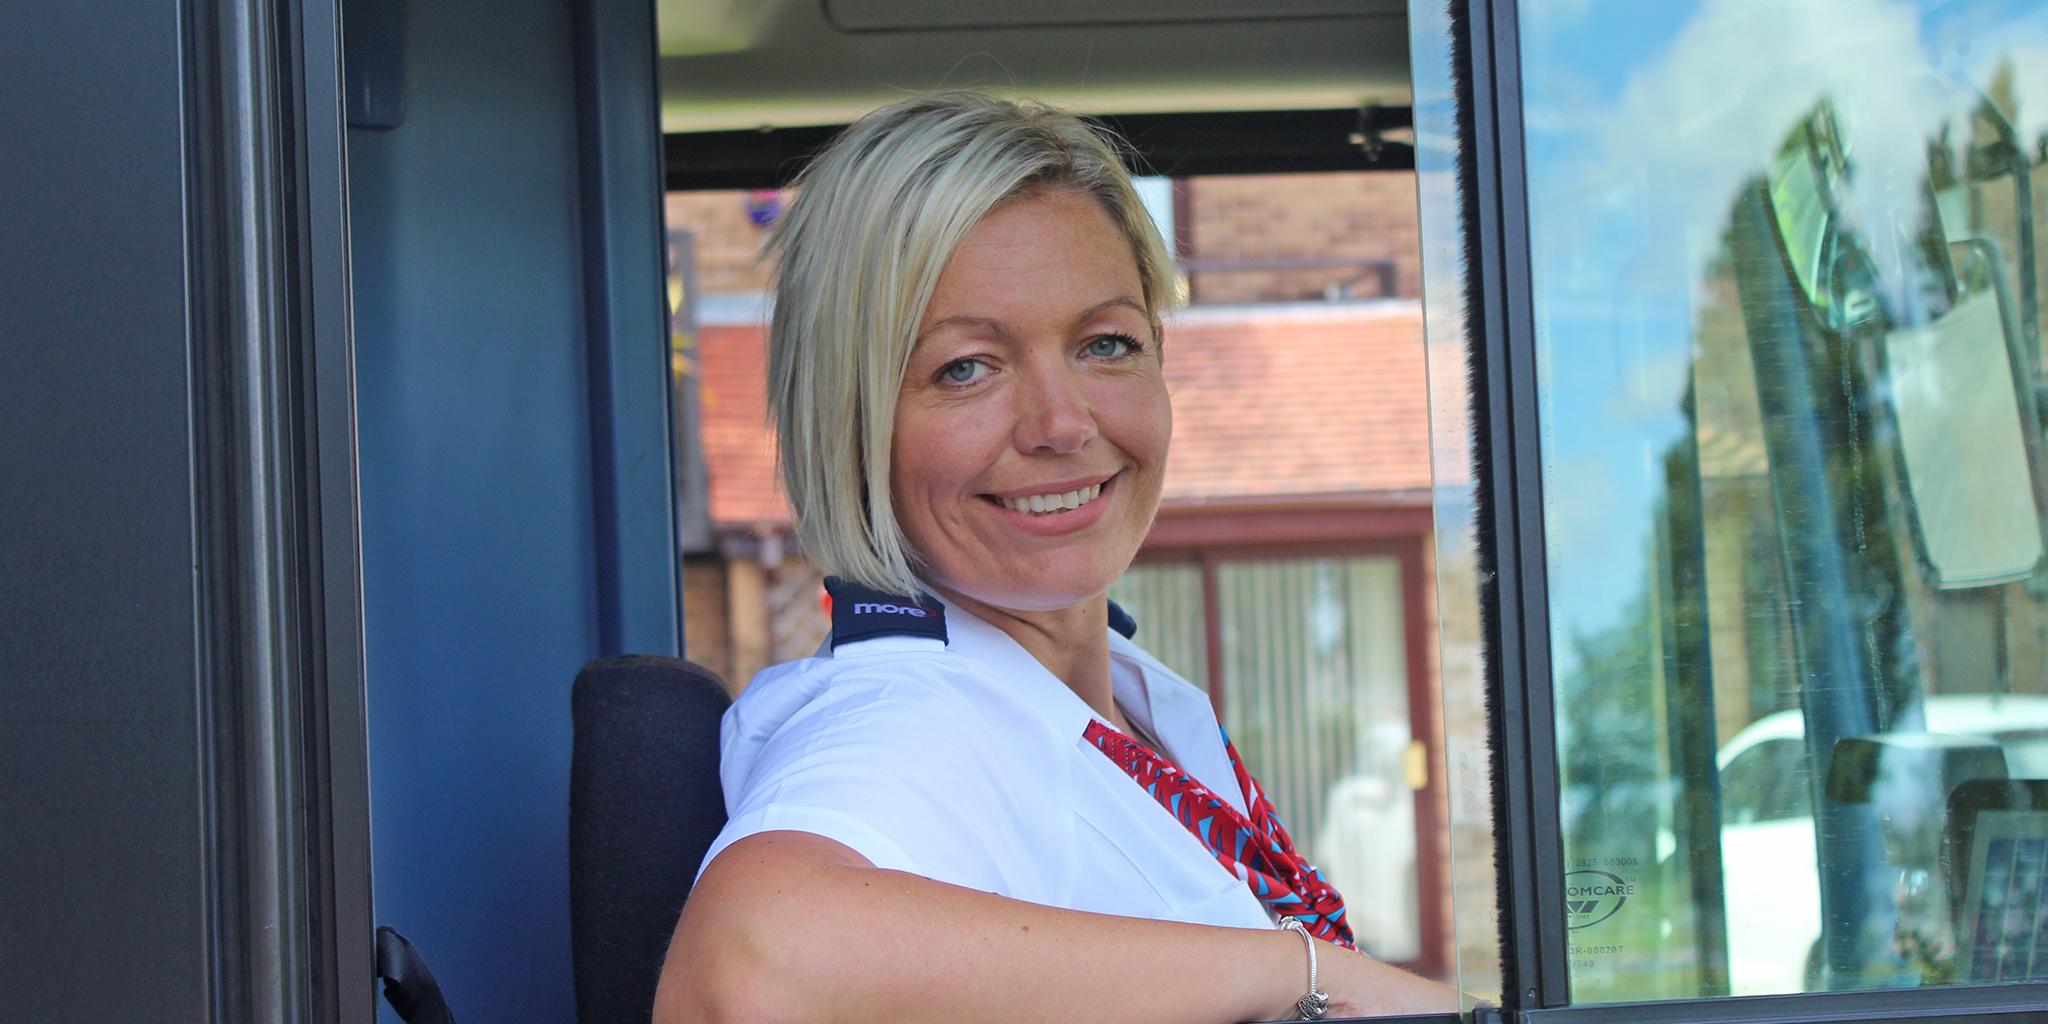 Photo of female morebus driver